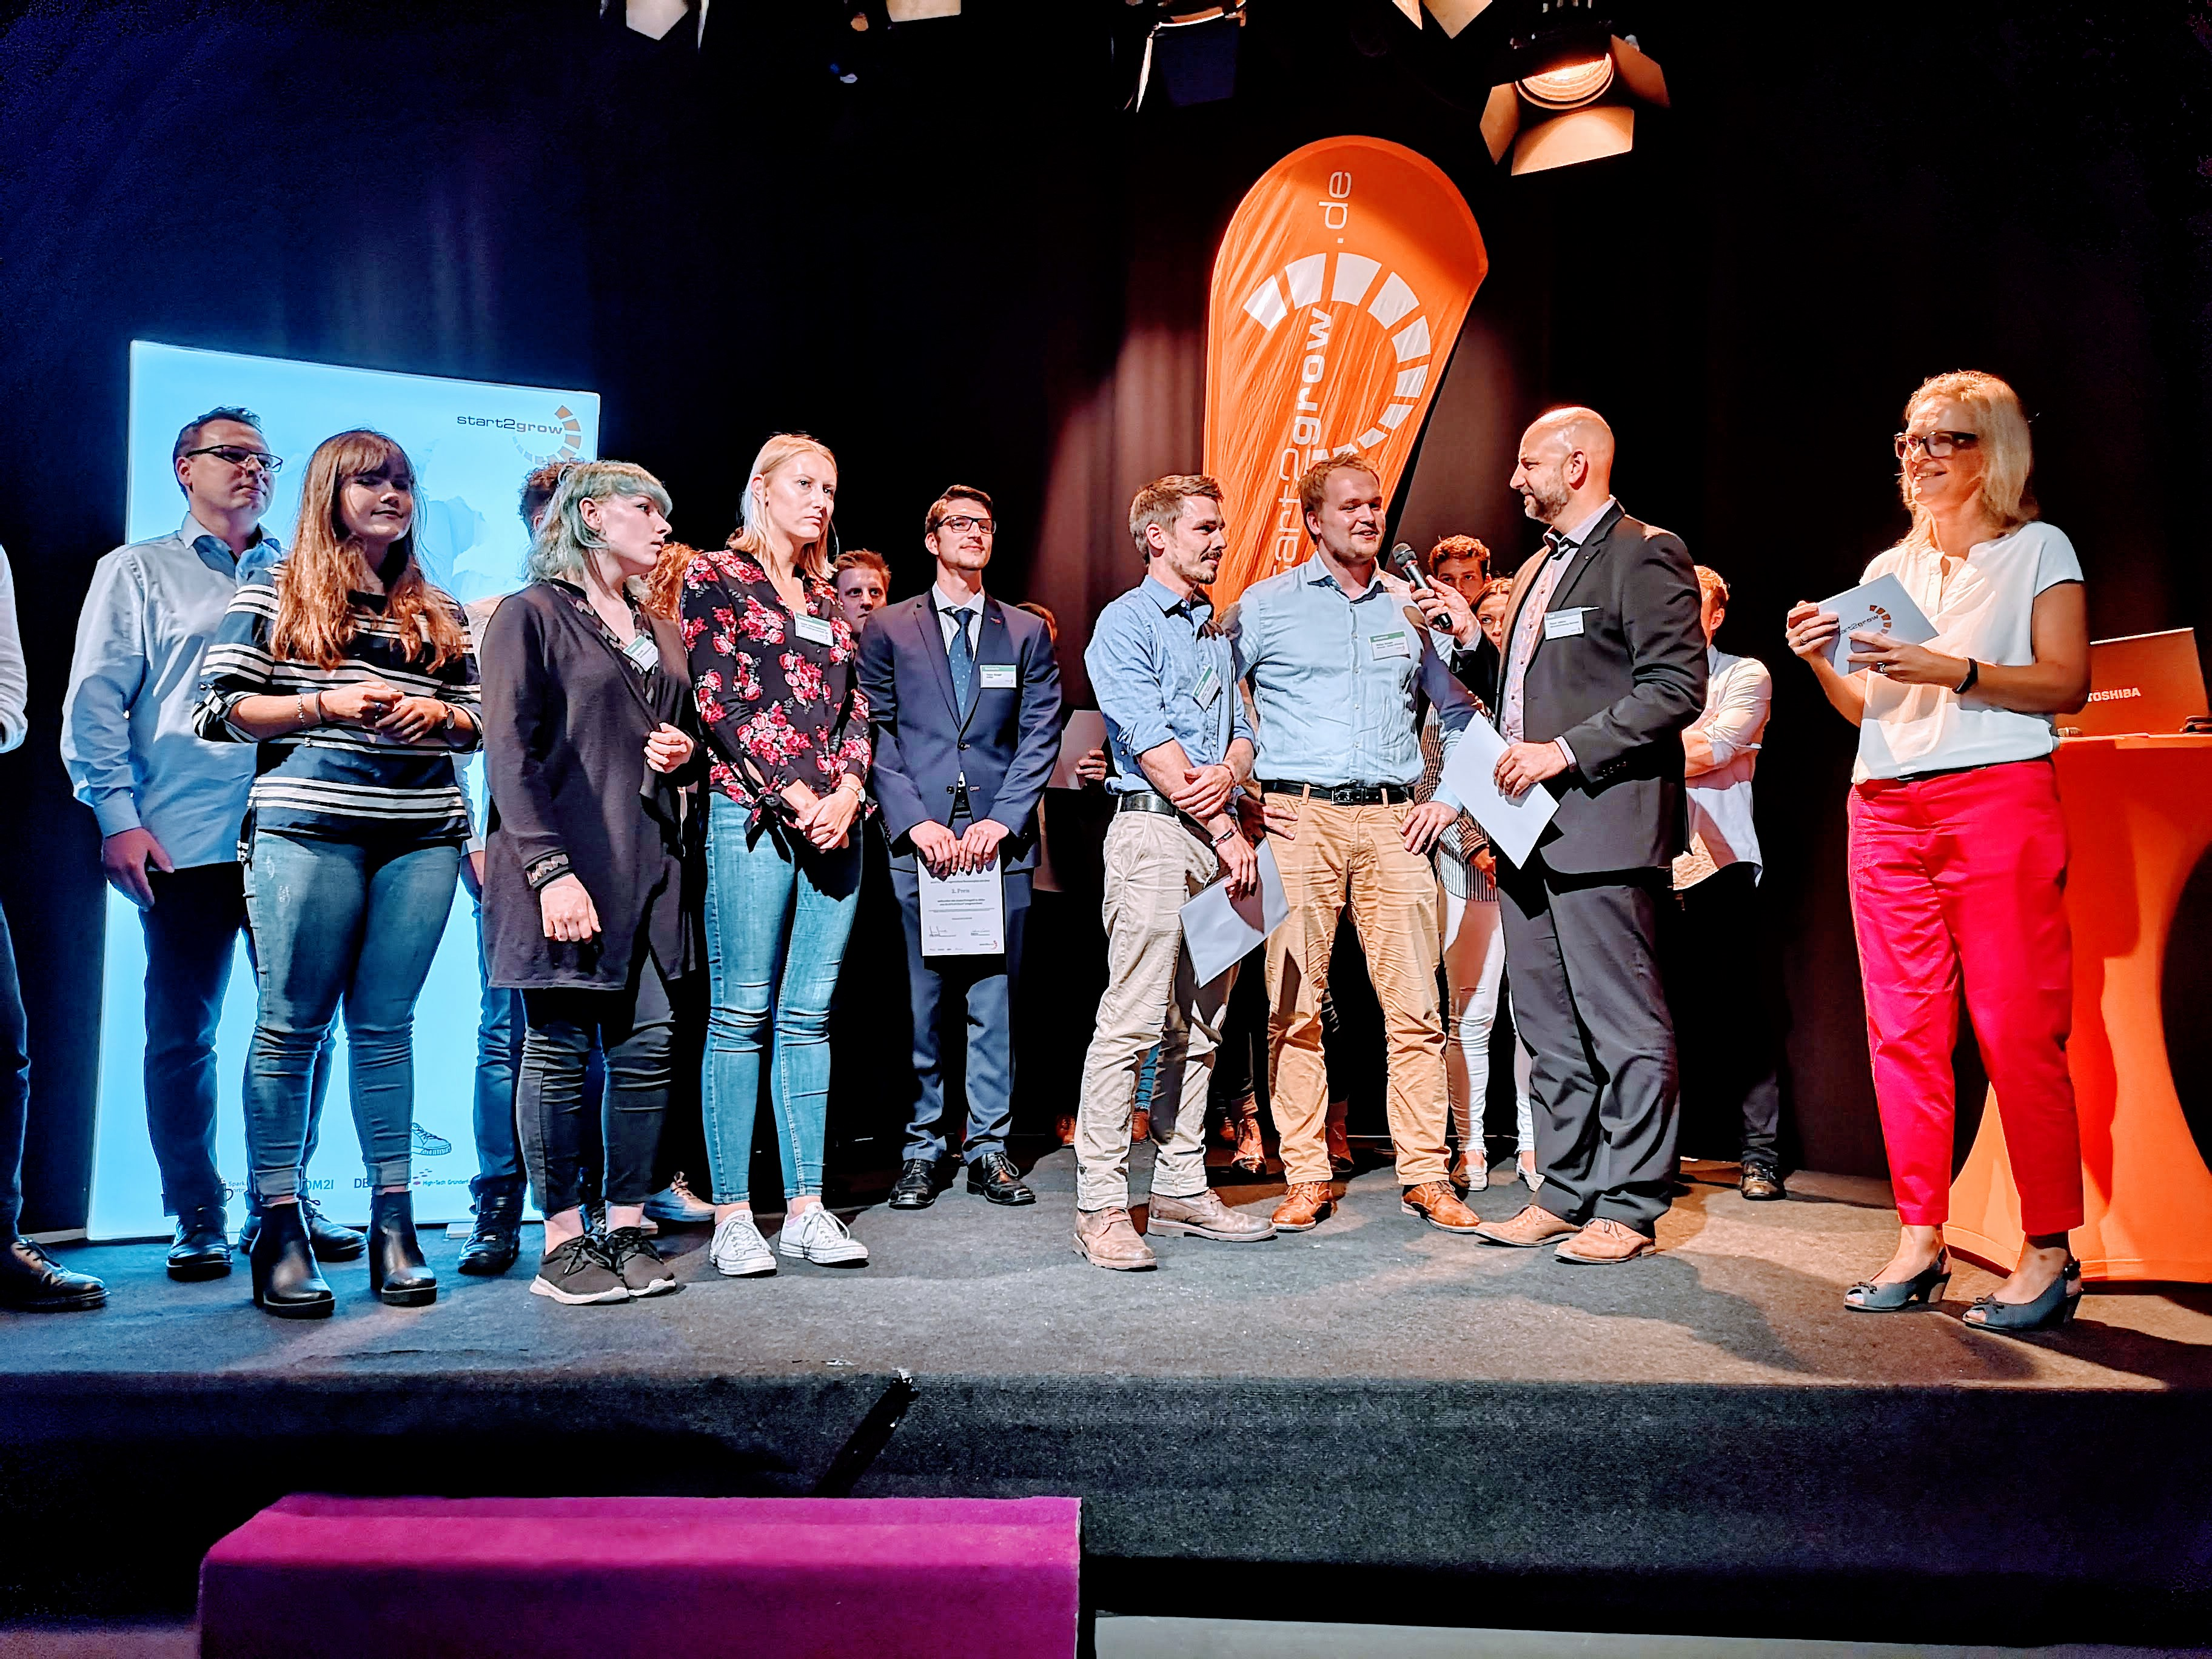 12. Juli 2018 bei Start2Grow 39: Die Gewinner des Gründer-Wettbewerbs